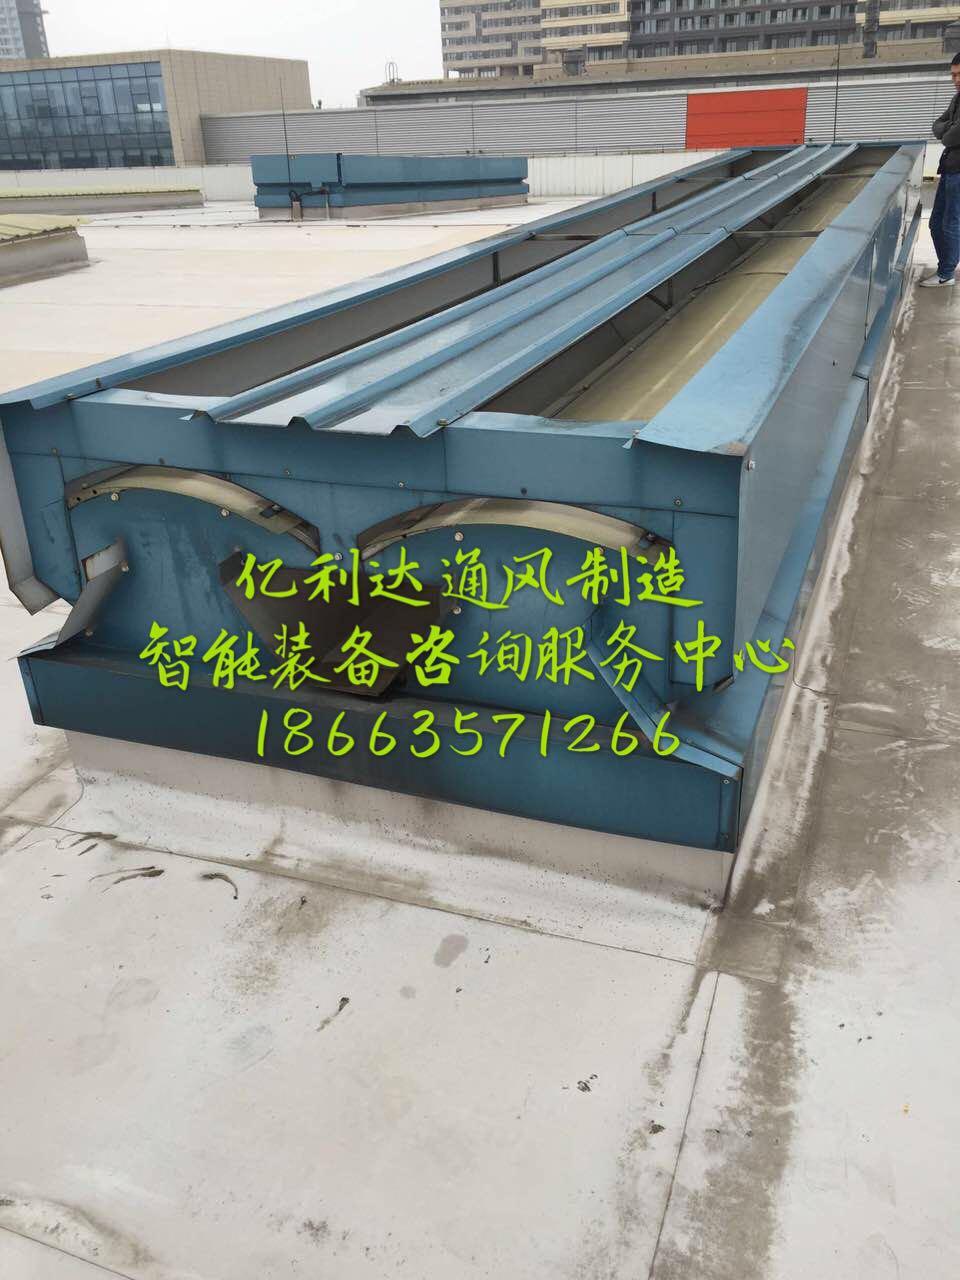 汉中南郑屋顶通风天窗联系方式